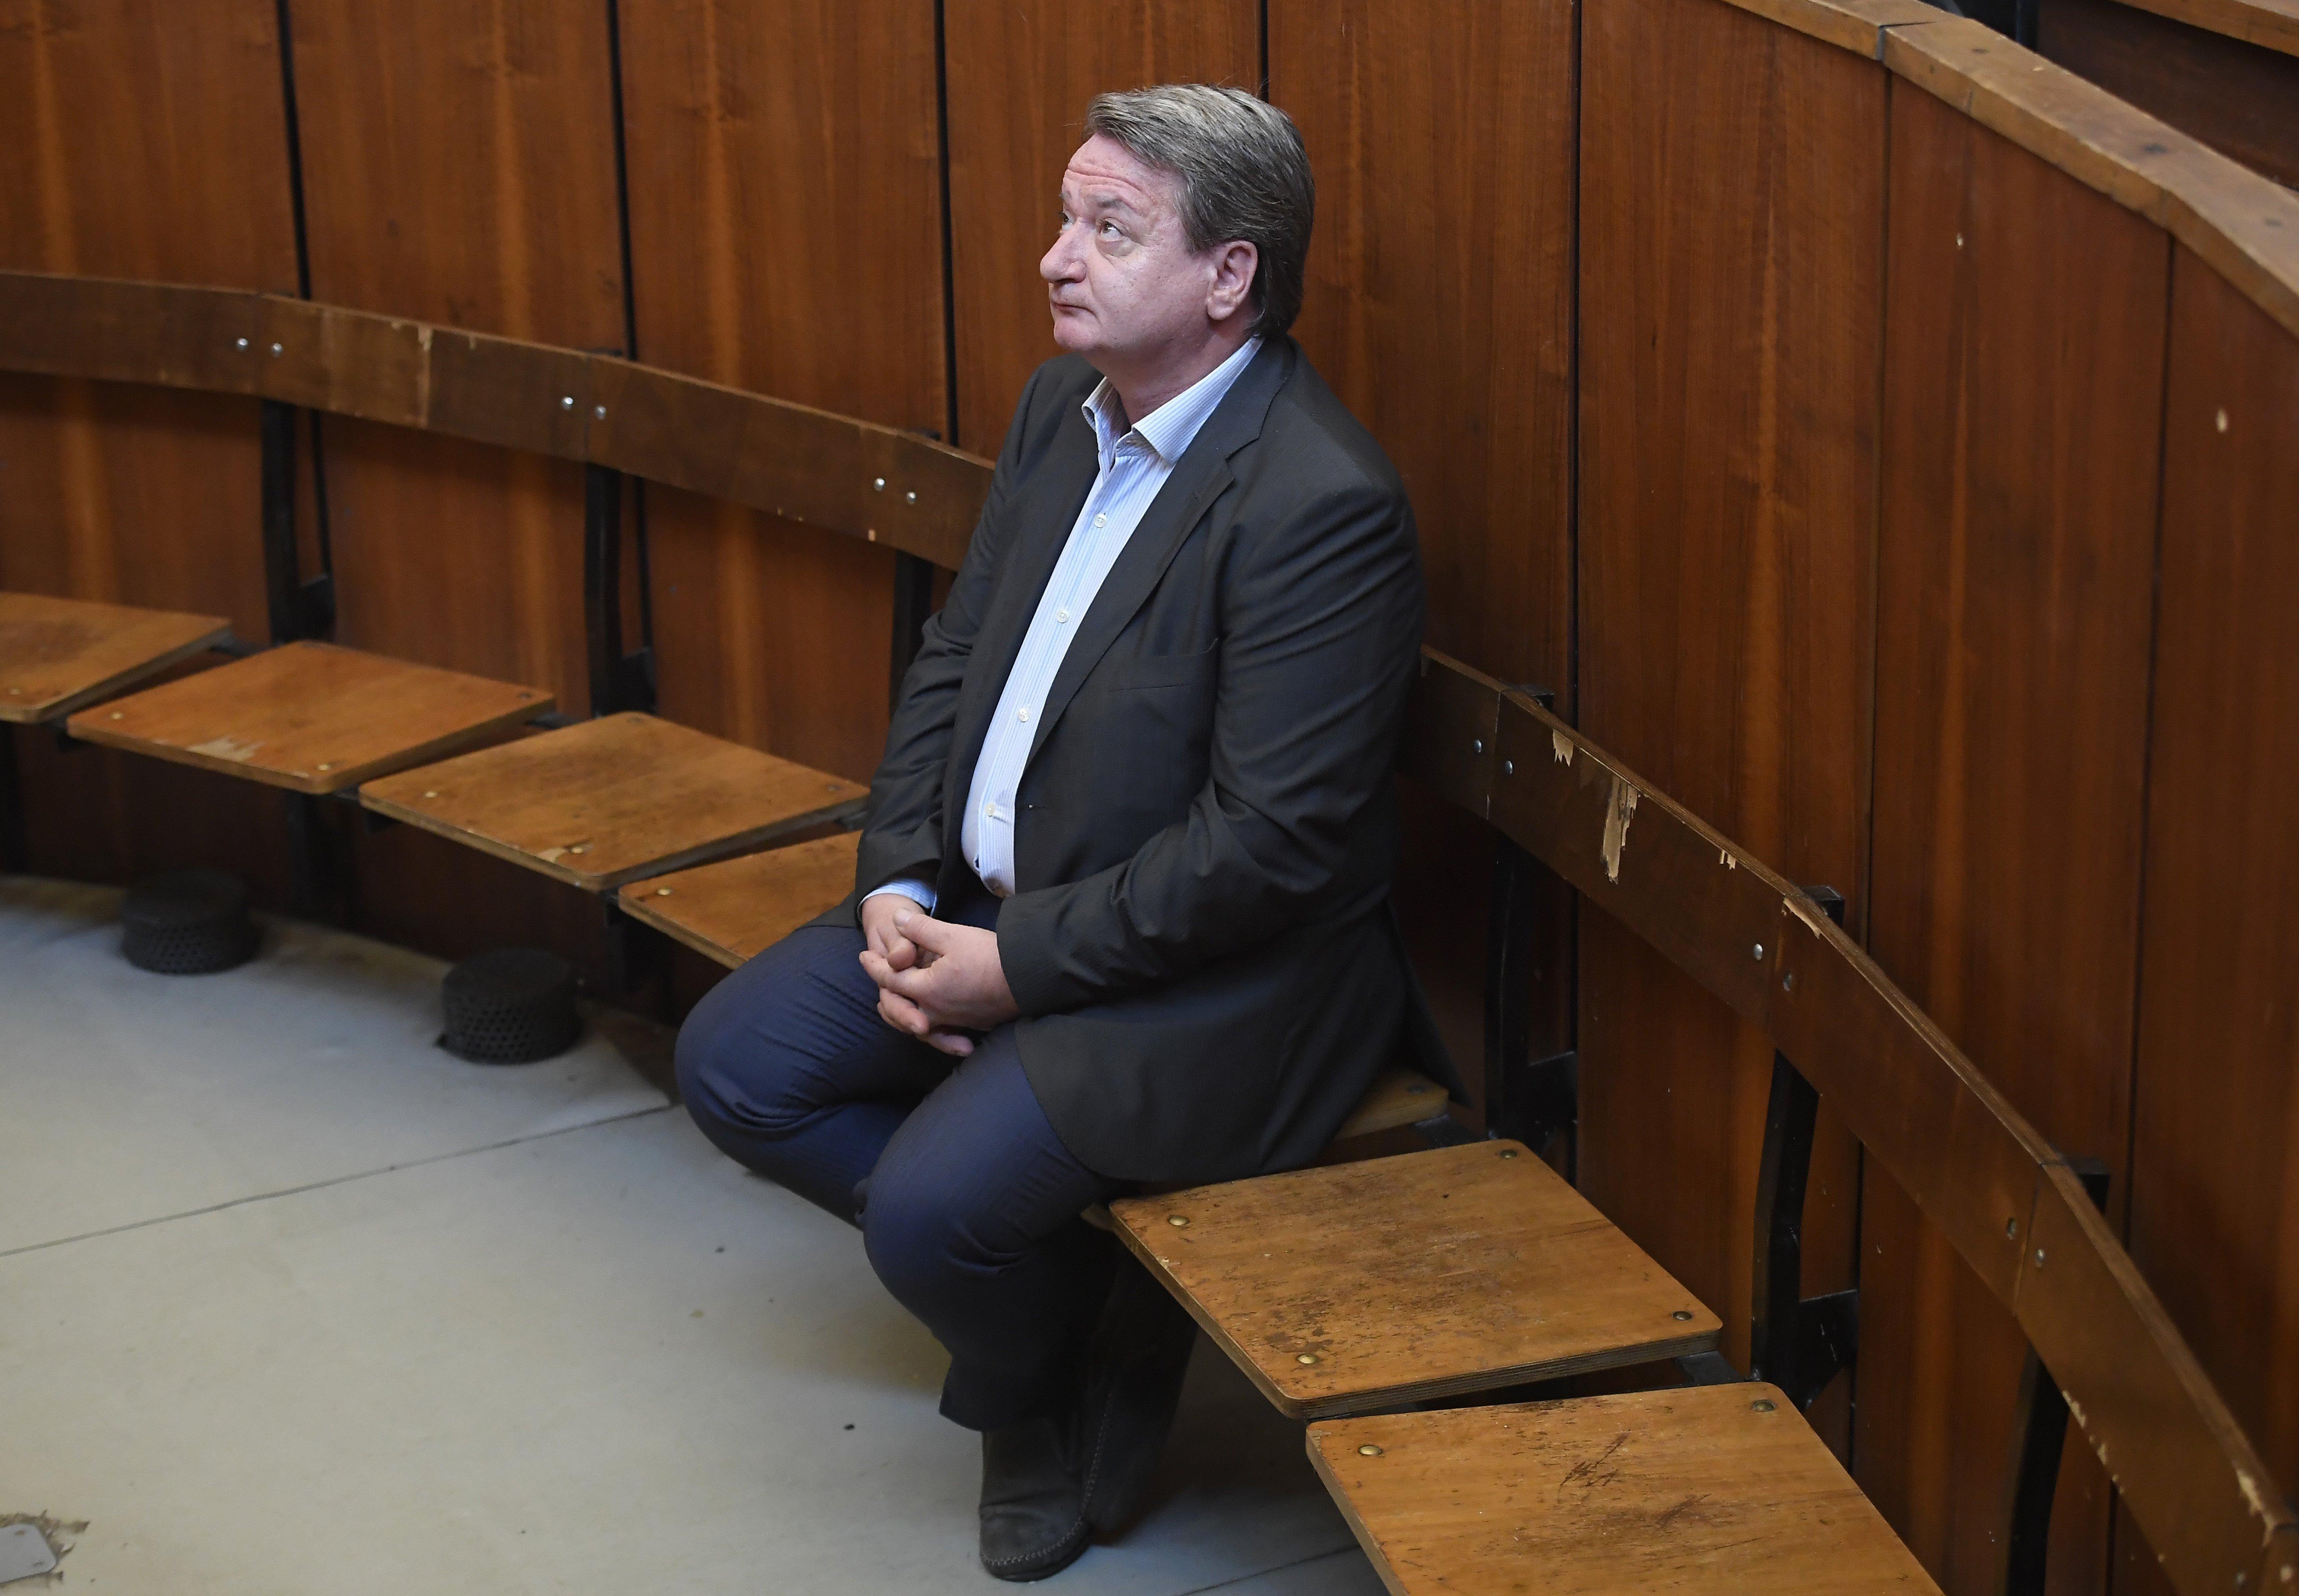 Kémkedés előkészítése miatt is elítélték Kovács Bélát másodfokon